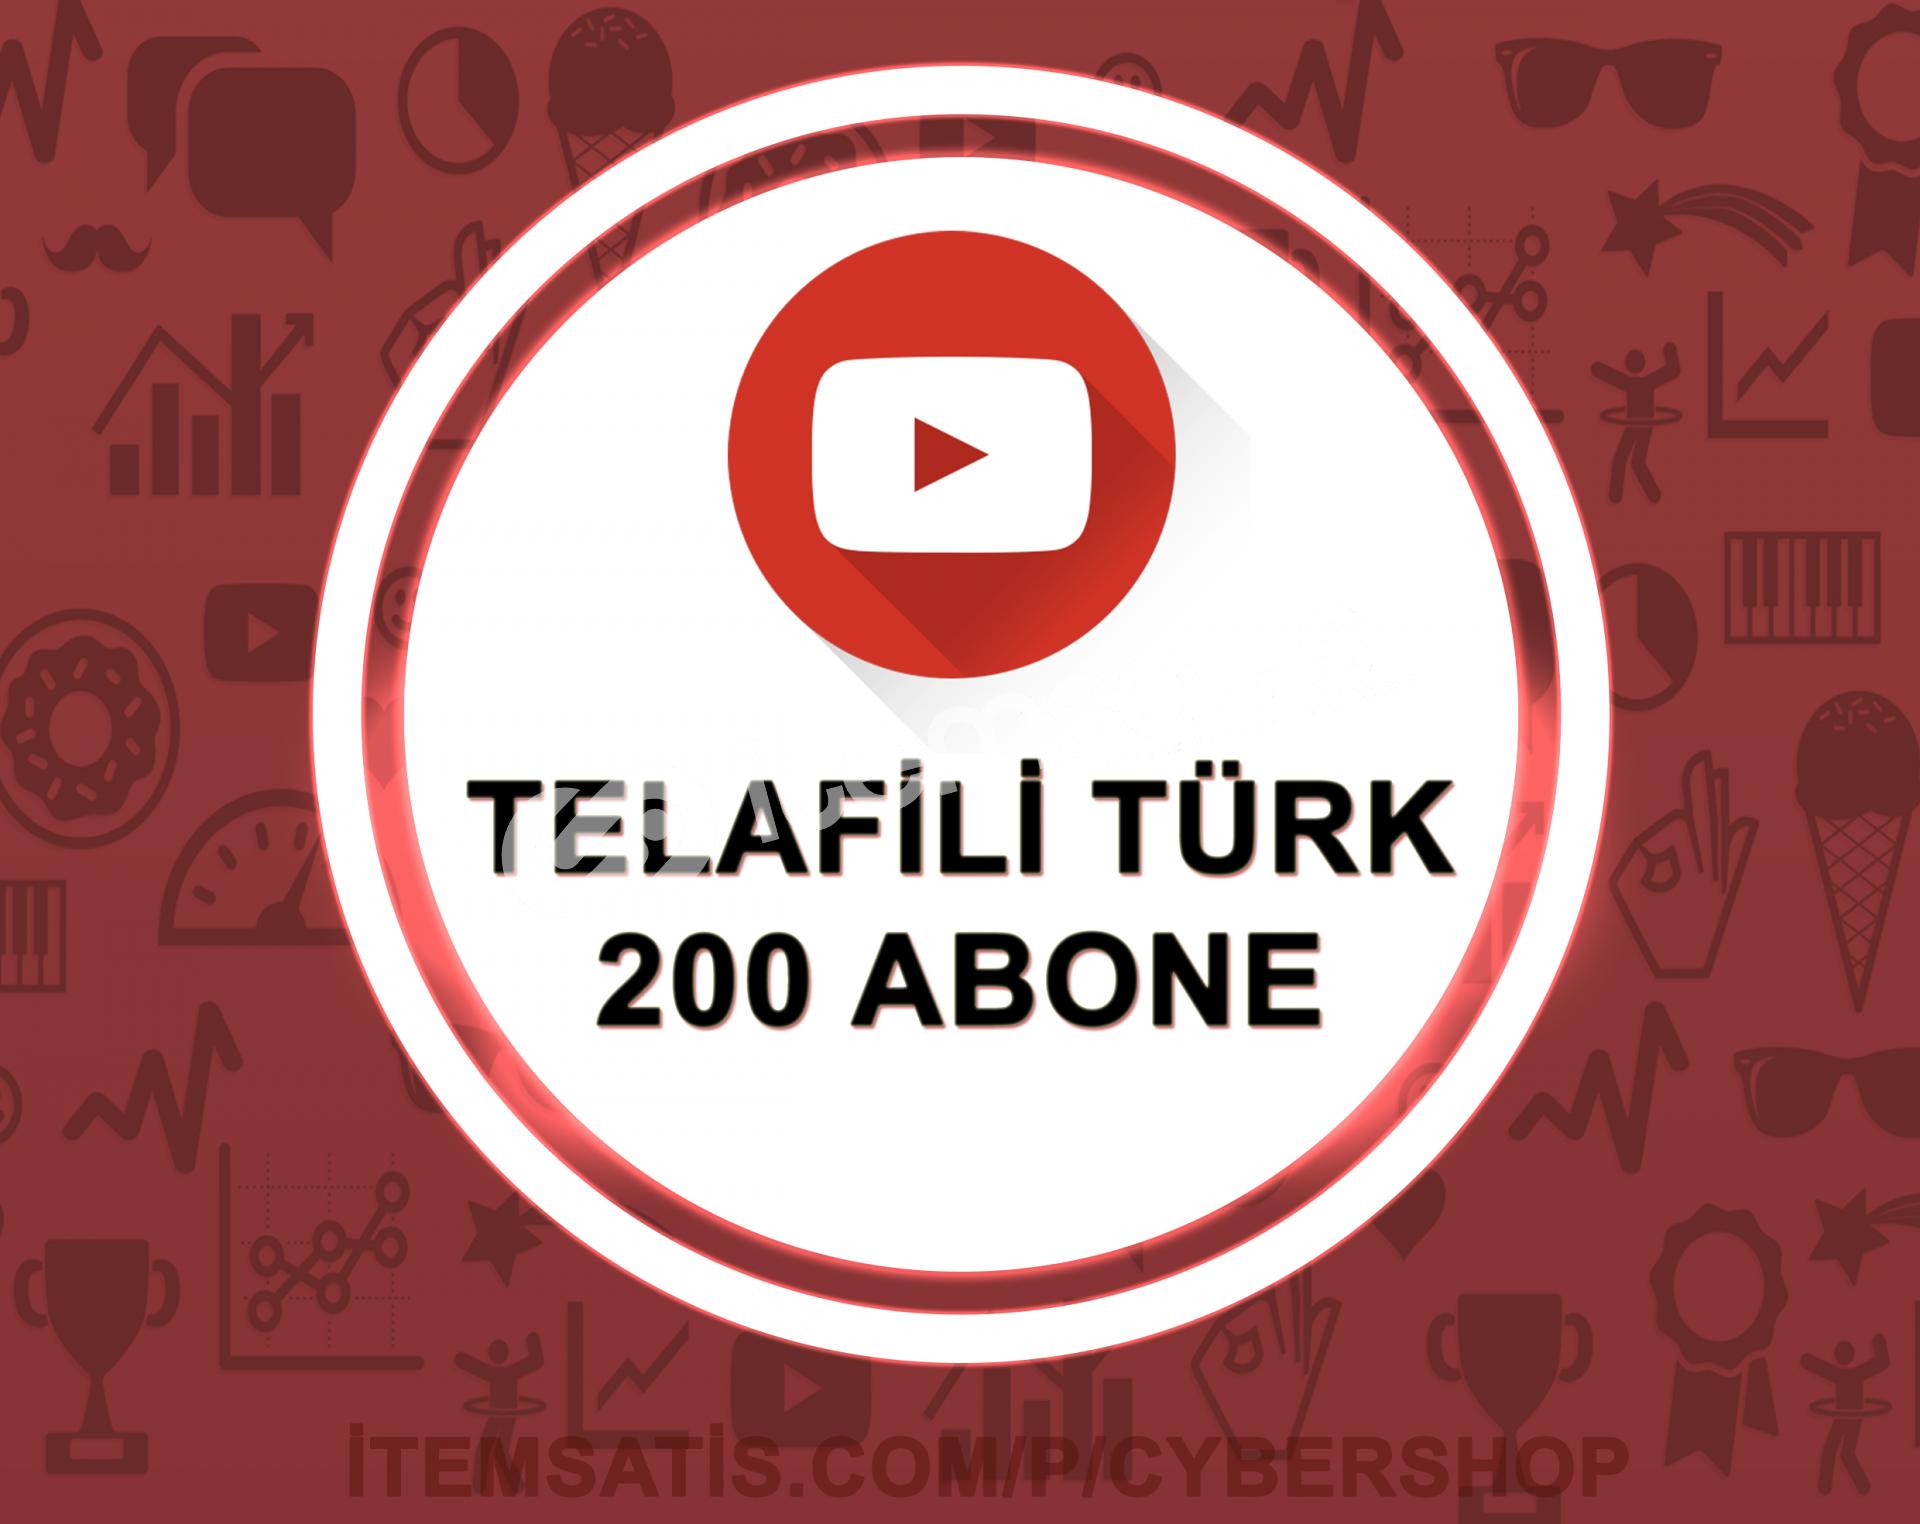 15 Gün Telafili Türk 200 Abone (Hızlı Teslimat)